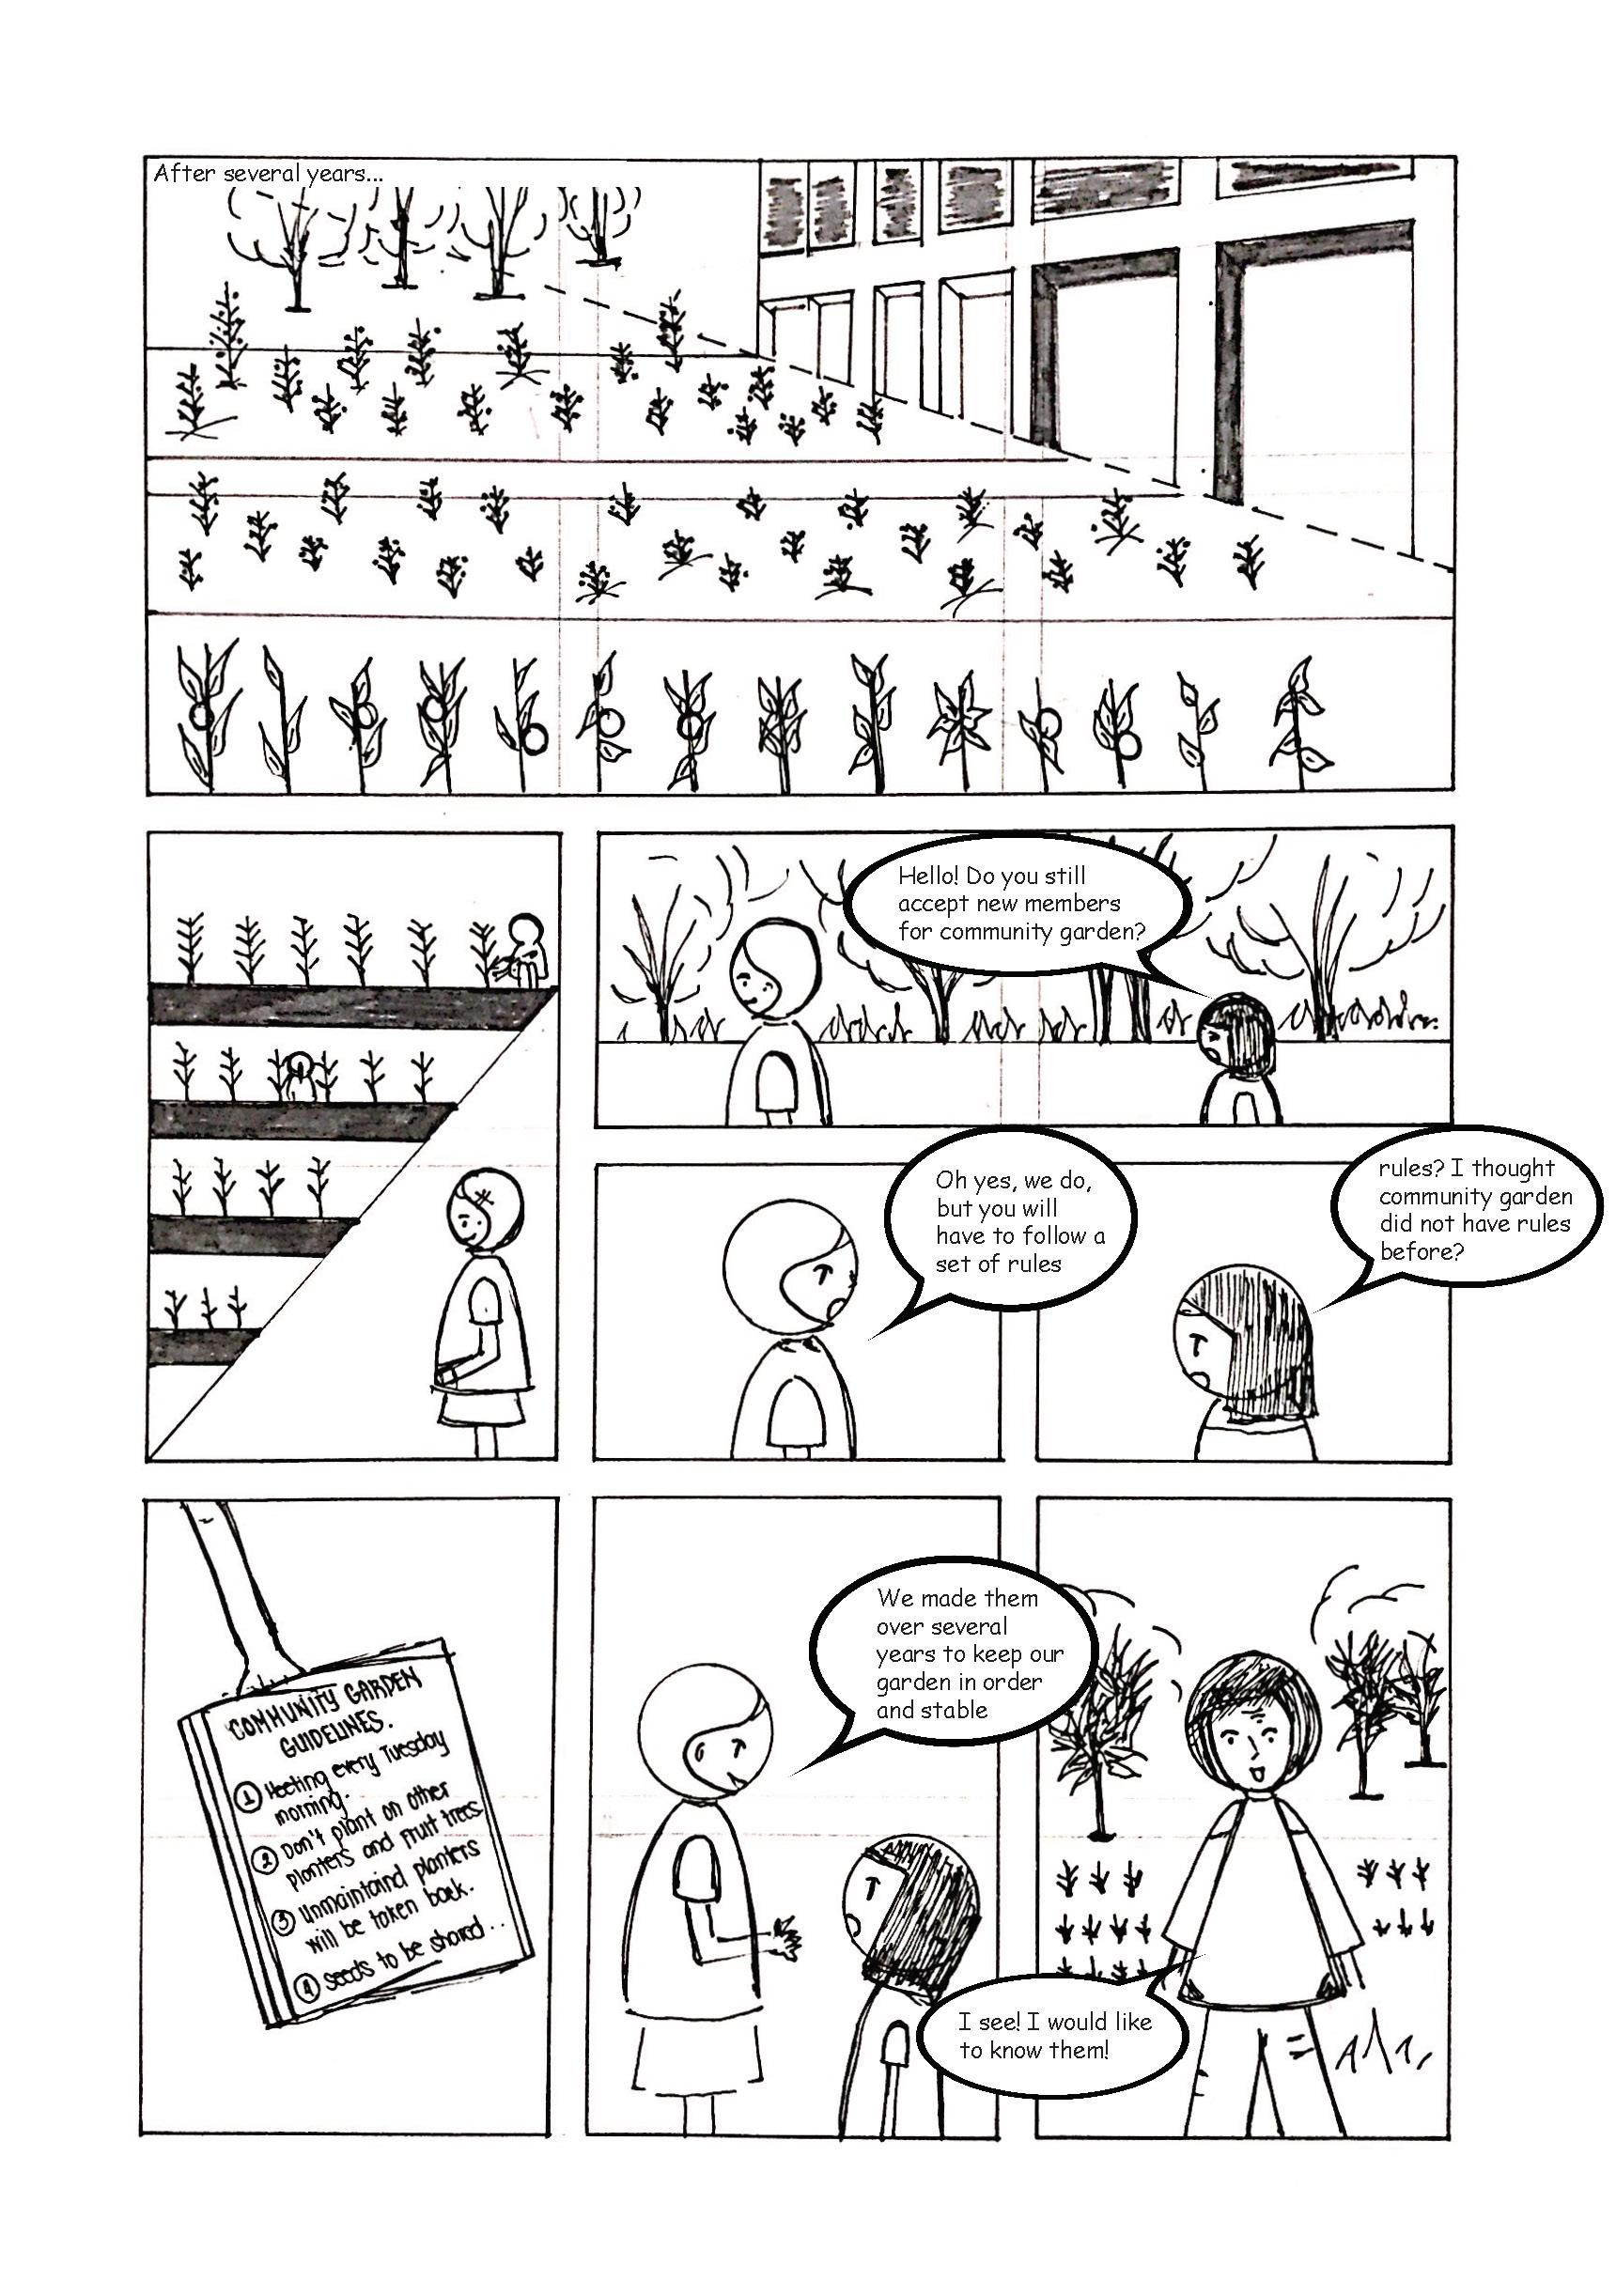 Hyosoo Lee_Week 4 Comic Scans_Page_4.jpg